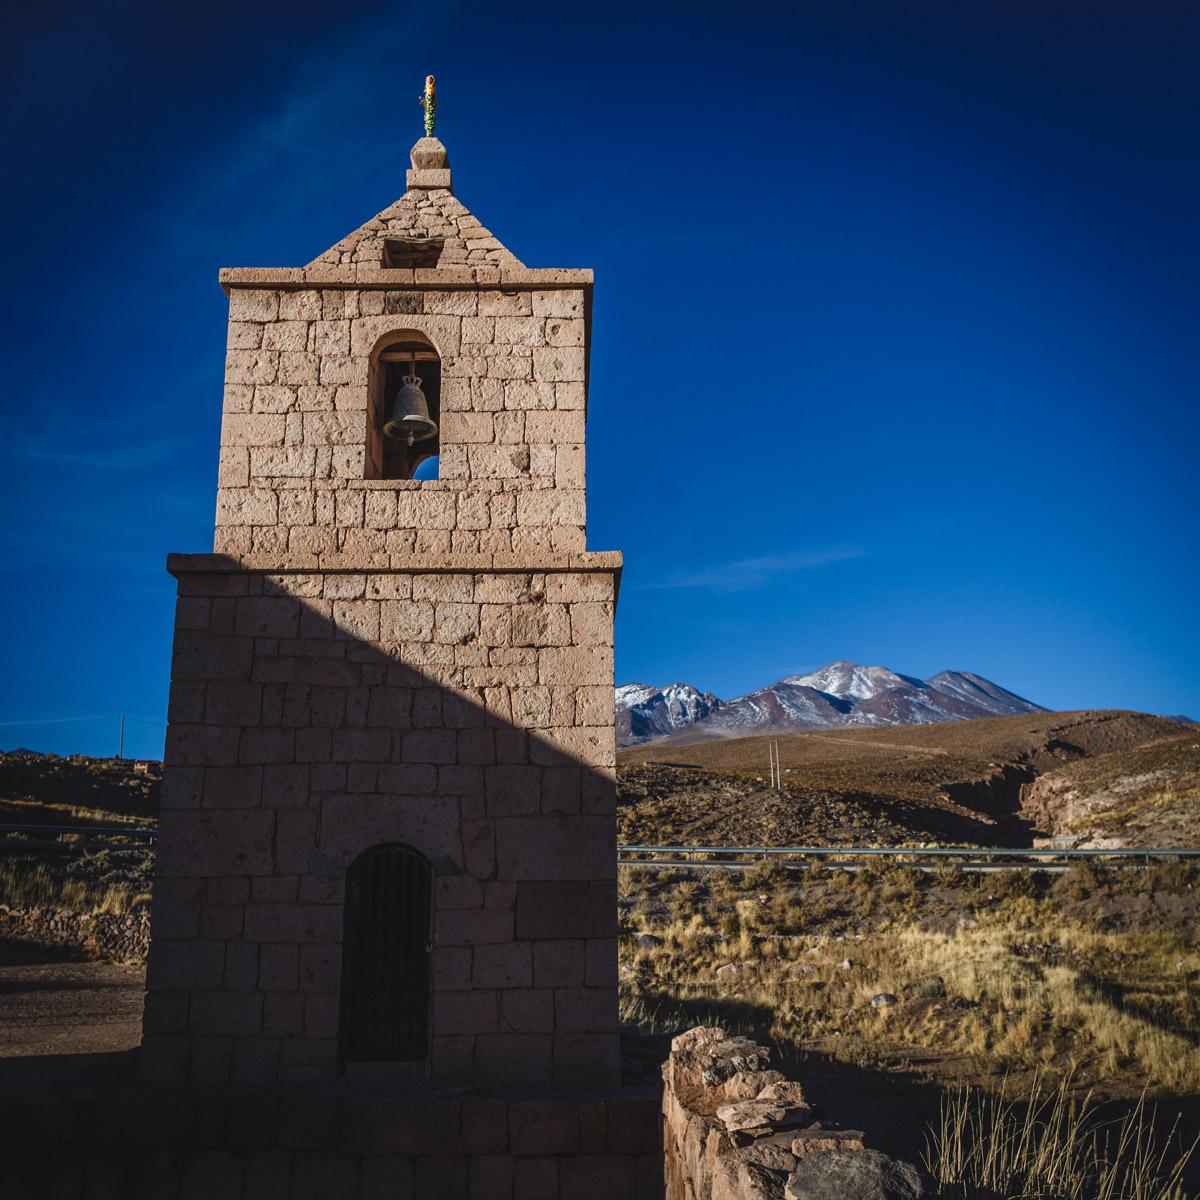 Une église dans le désert